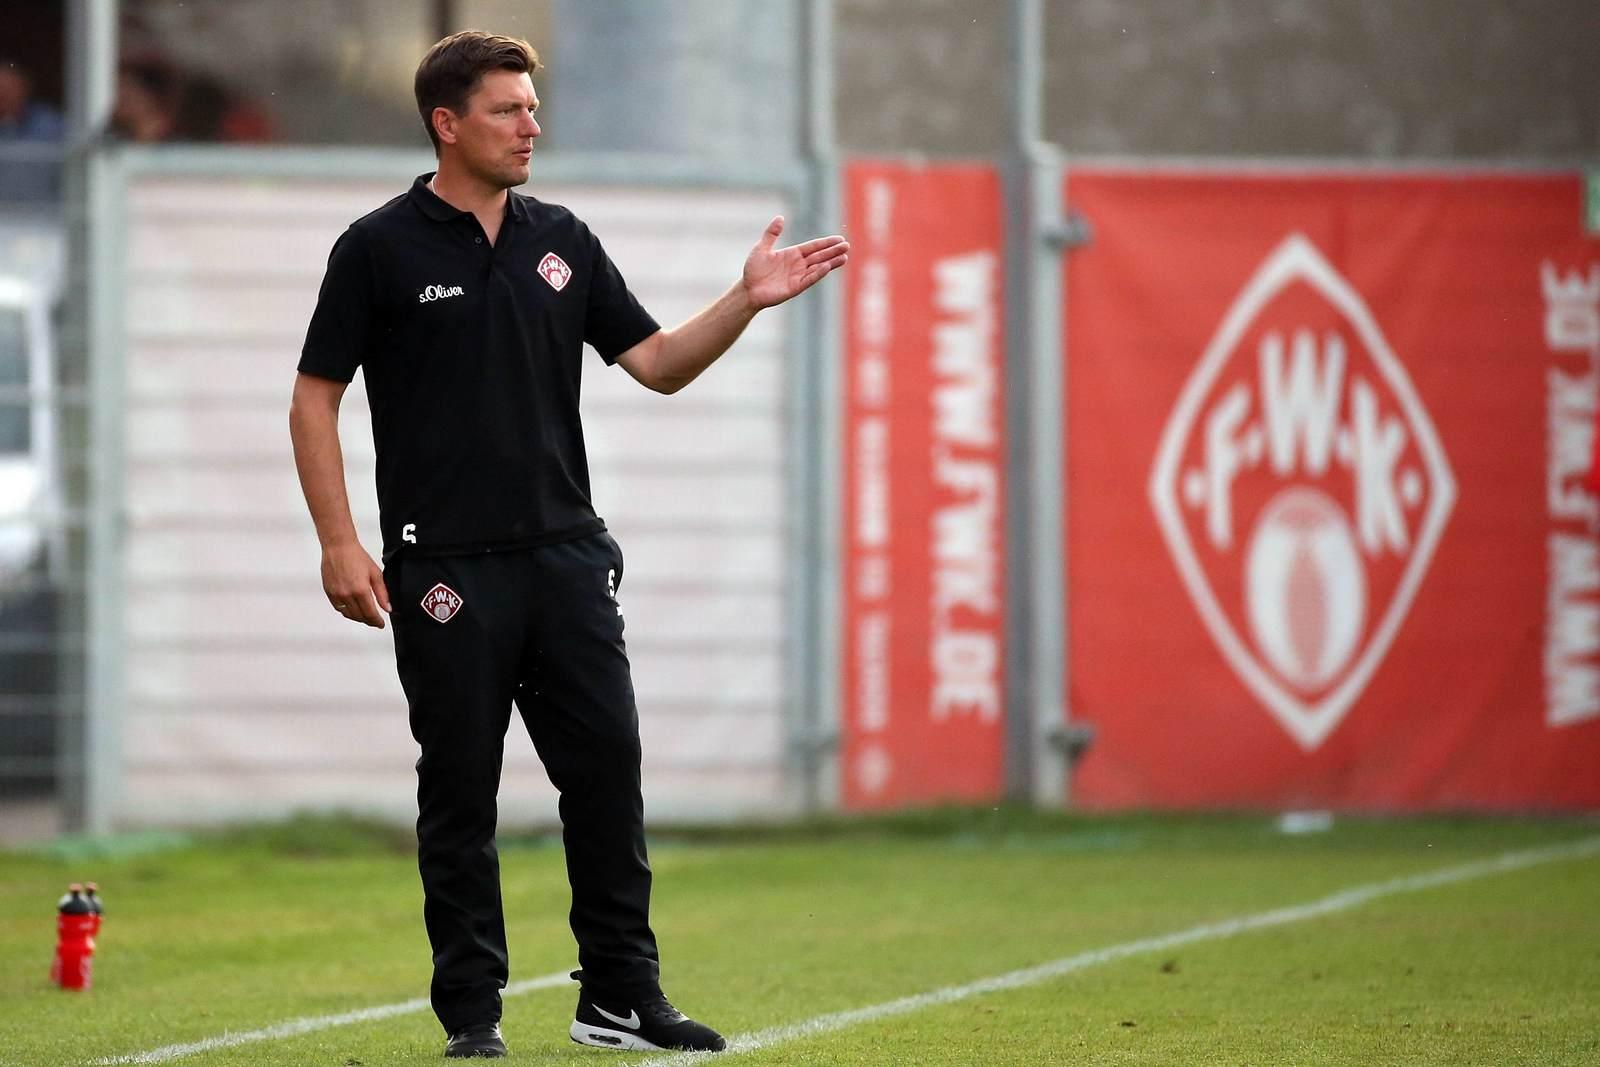 Stephan Schmidt von den Würzburger Kickers beim Coaching